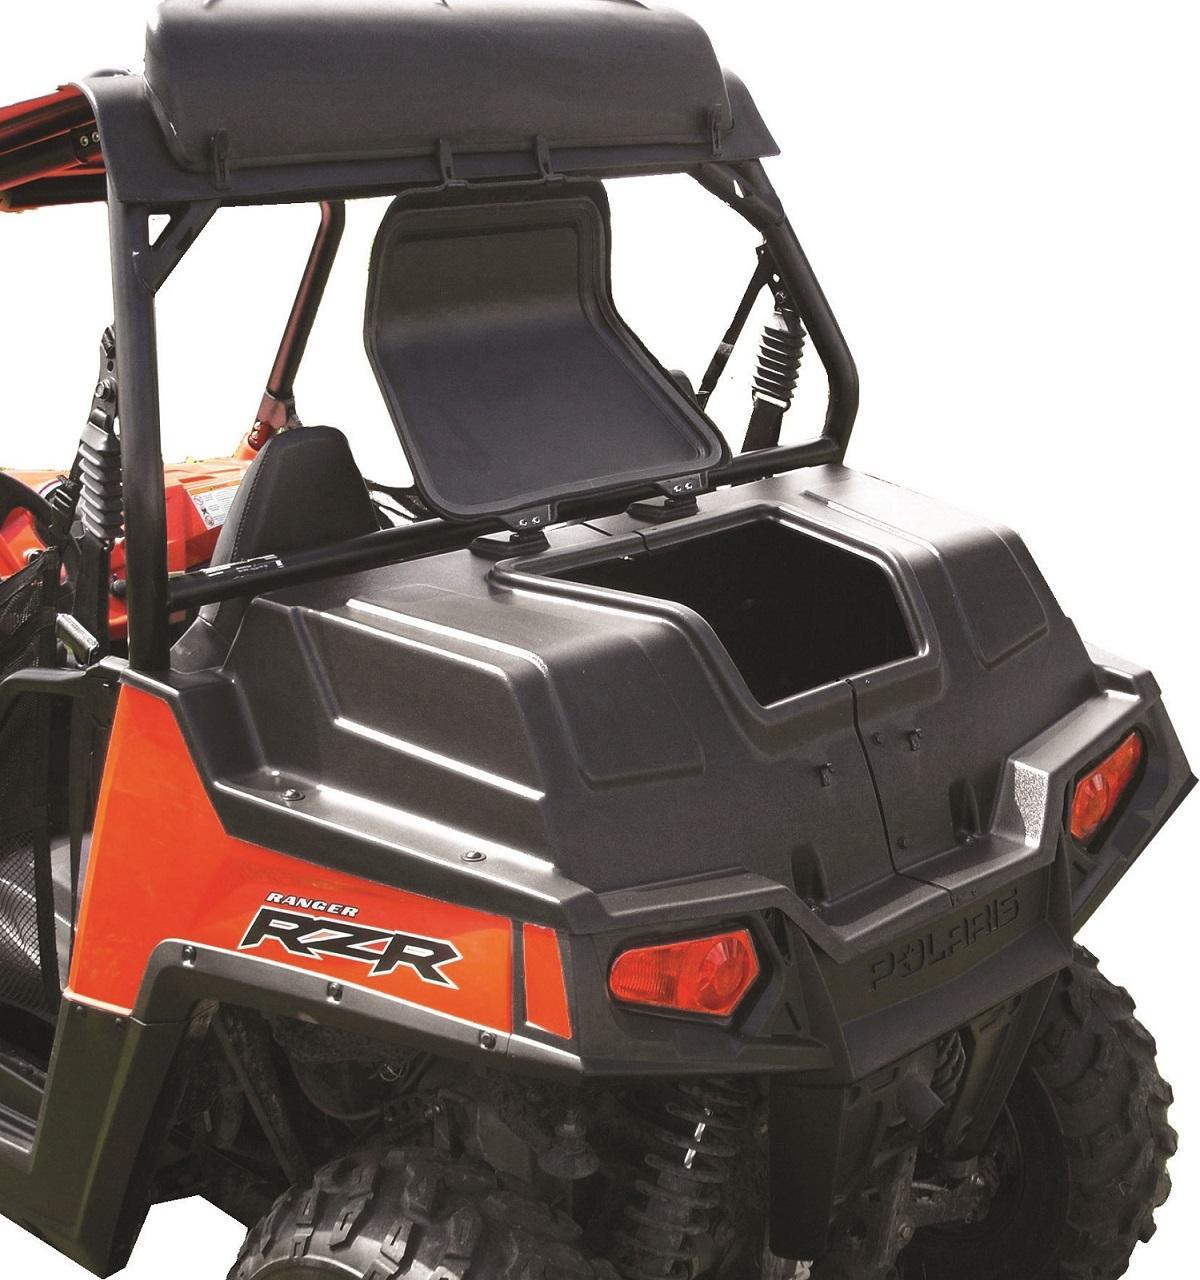 Polari Rzr Cover: Open Trail Polaris RZR Rear Cargo Cover ATV